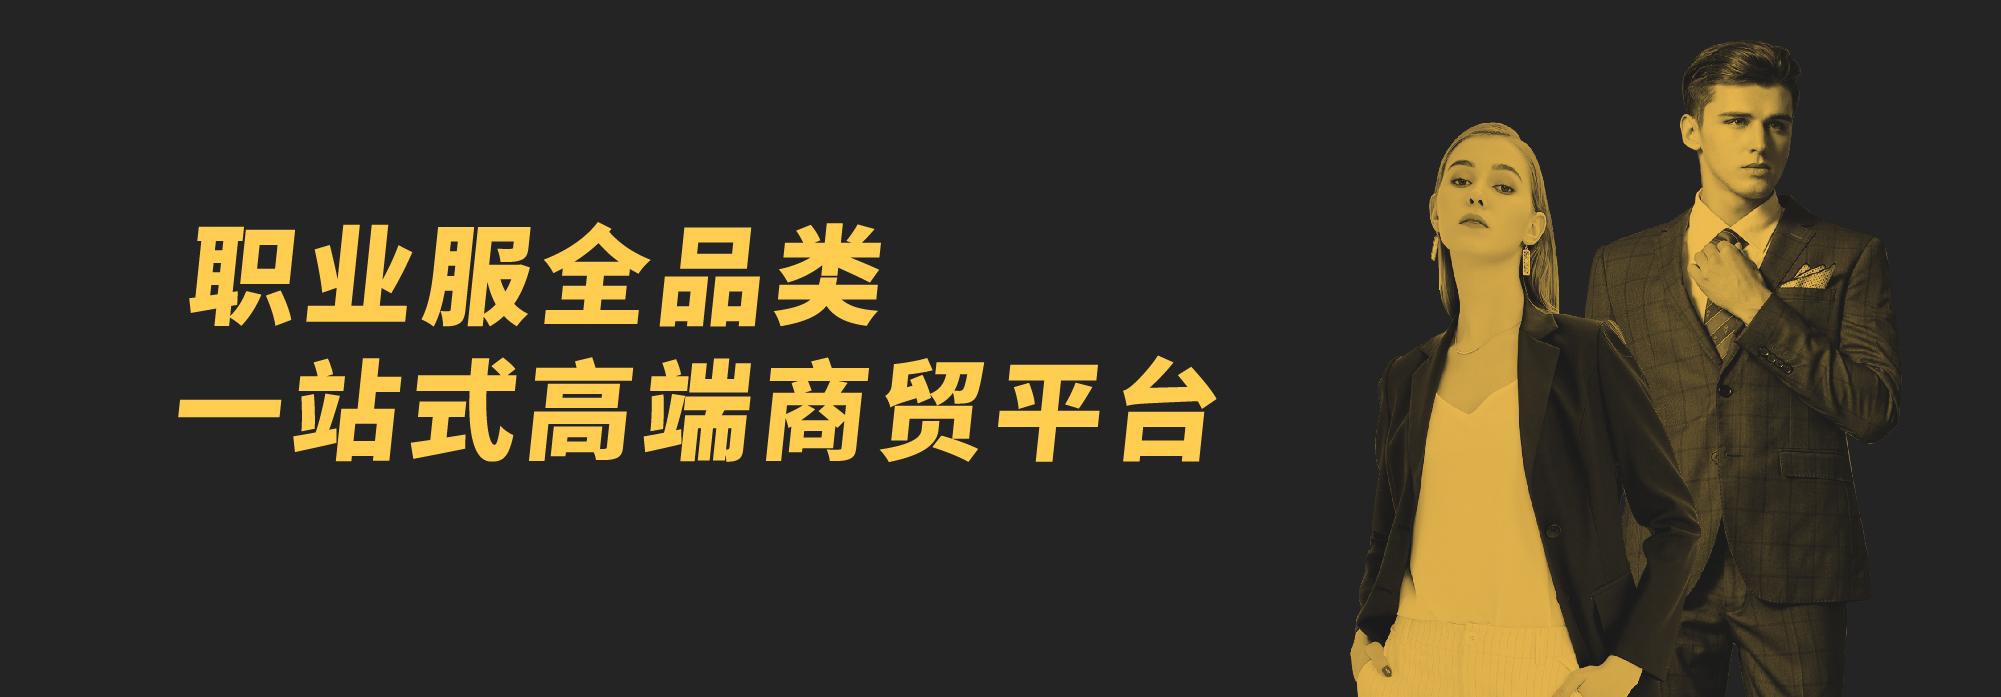 【展会动态】火力全开!职业装团服超有排面的聚会「上海」